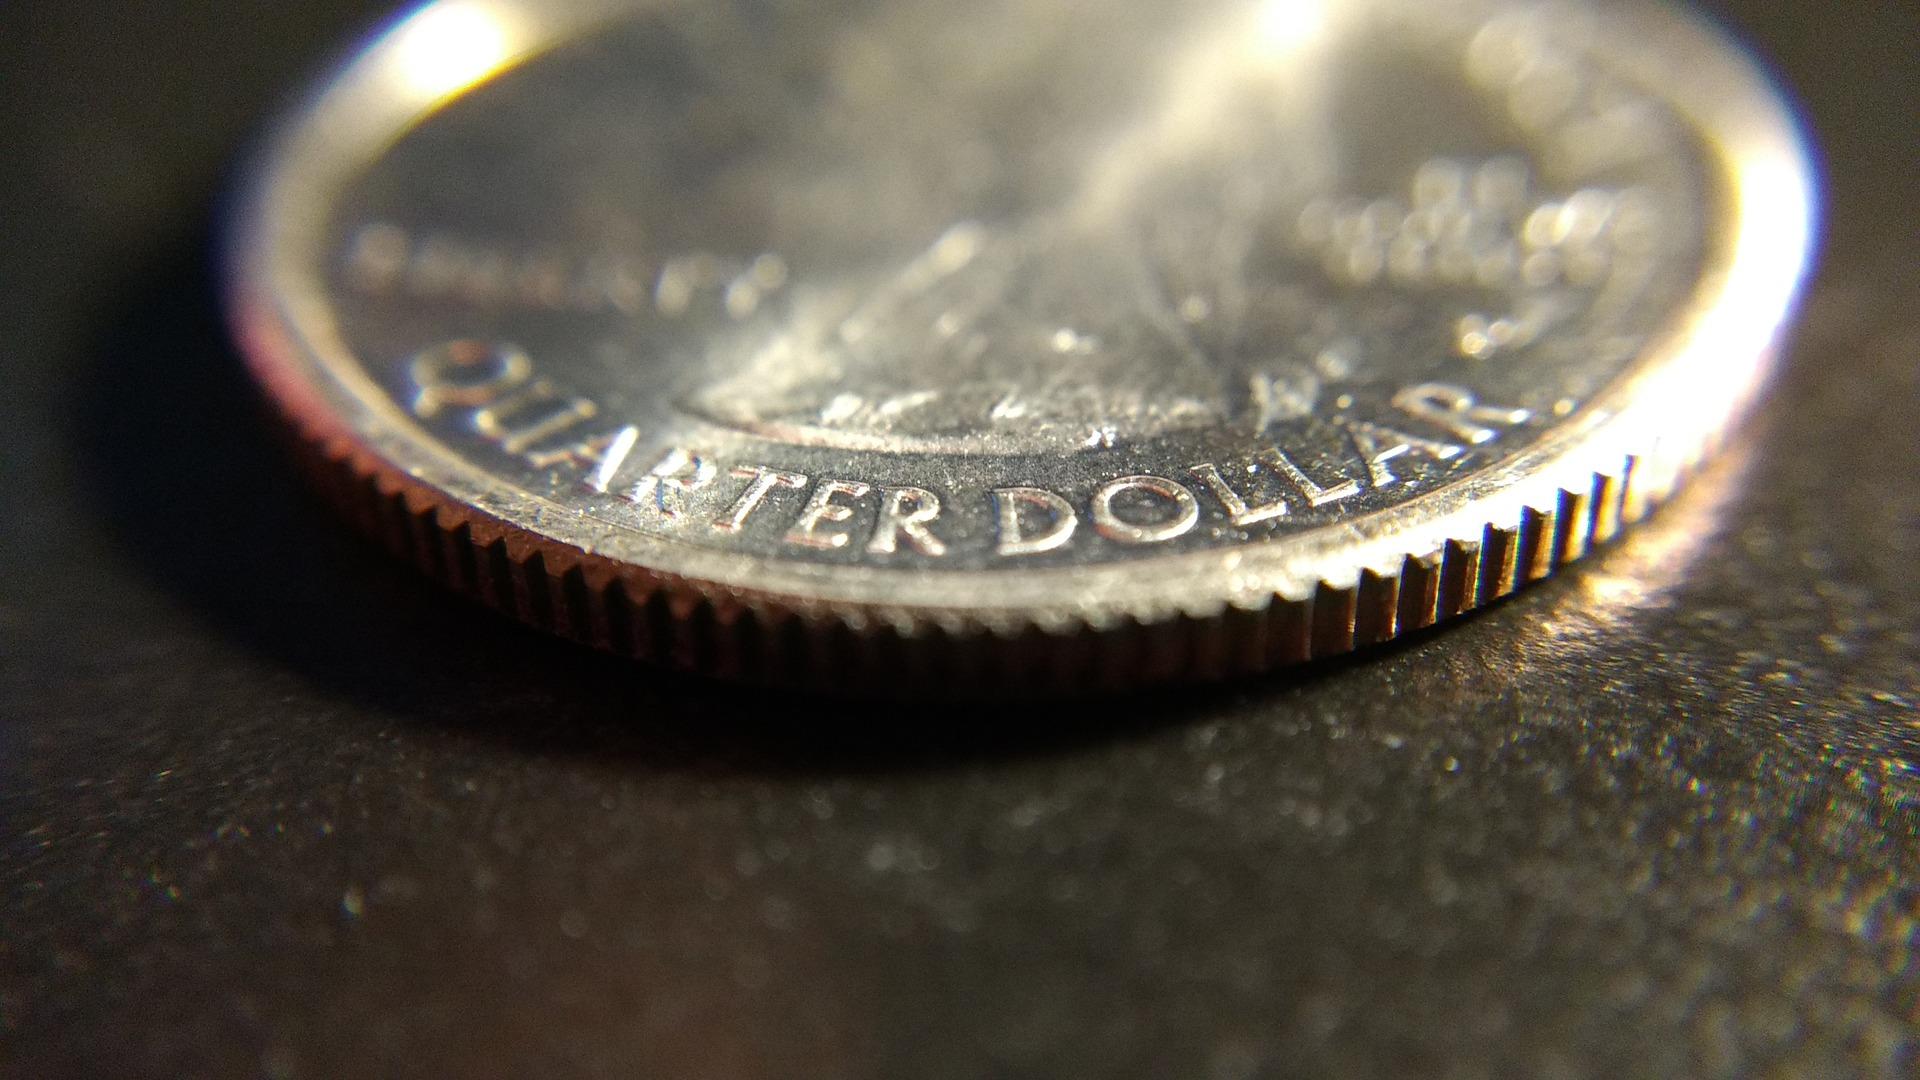 Close up view of a U.S. quarter